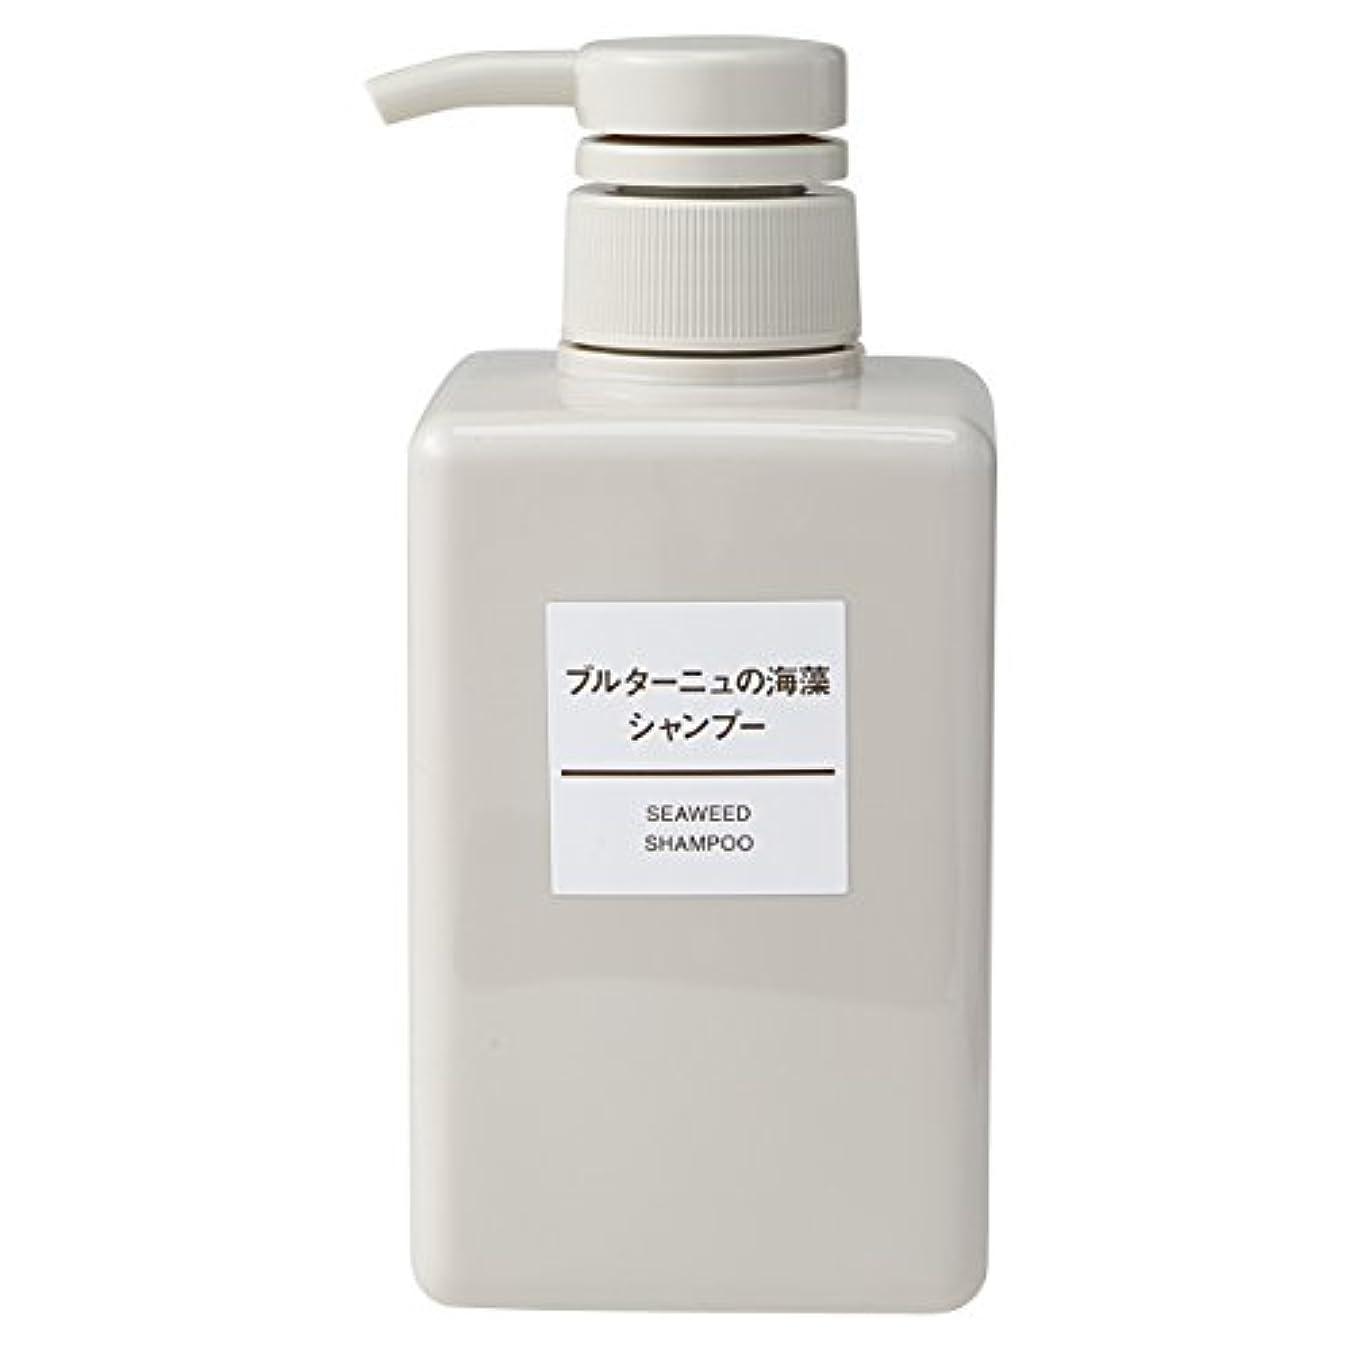 強制的厳戻る無印良品 ブルターニュの海藻シャンプー 400ml 日本製